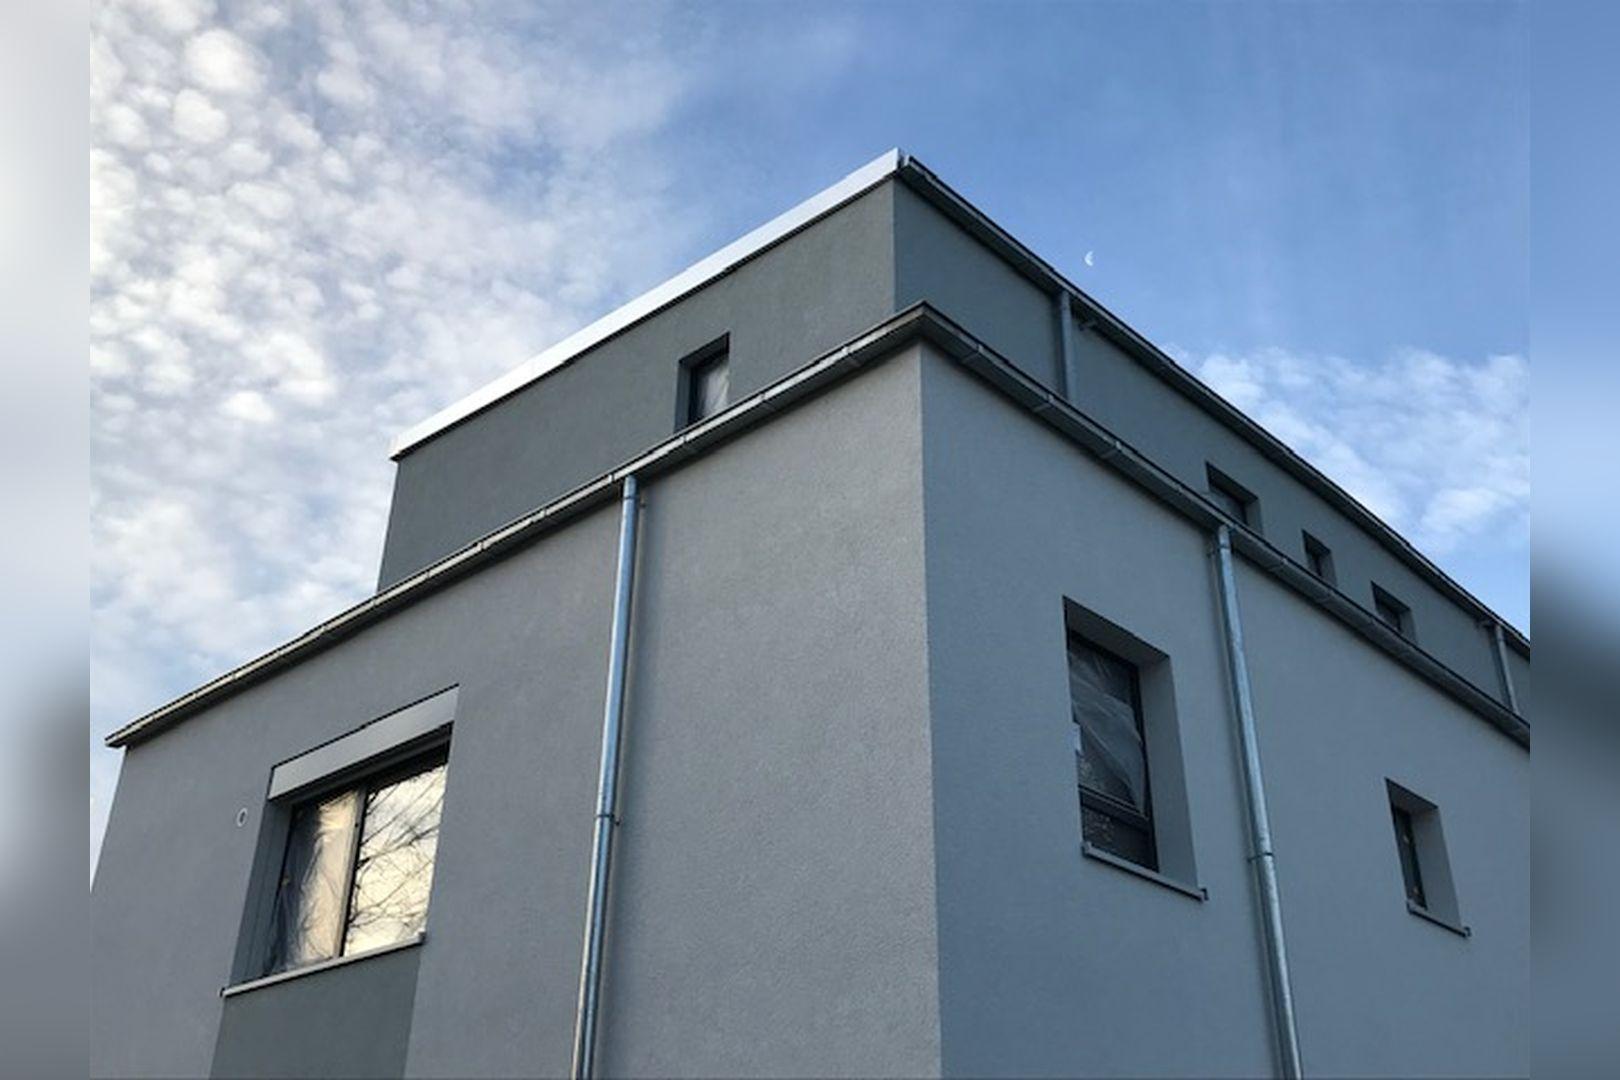 Immobilie Nr.BÖ-01.1 - BÖ-01.1; Maisonette Wohnung über EG und Sout., Garten u. Terrasse - Bild 12.jpg